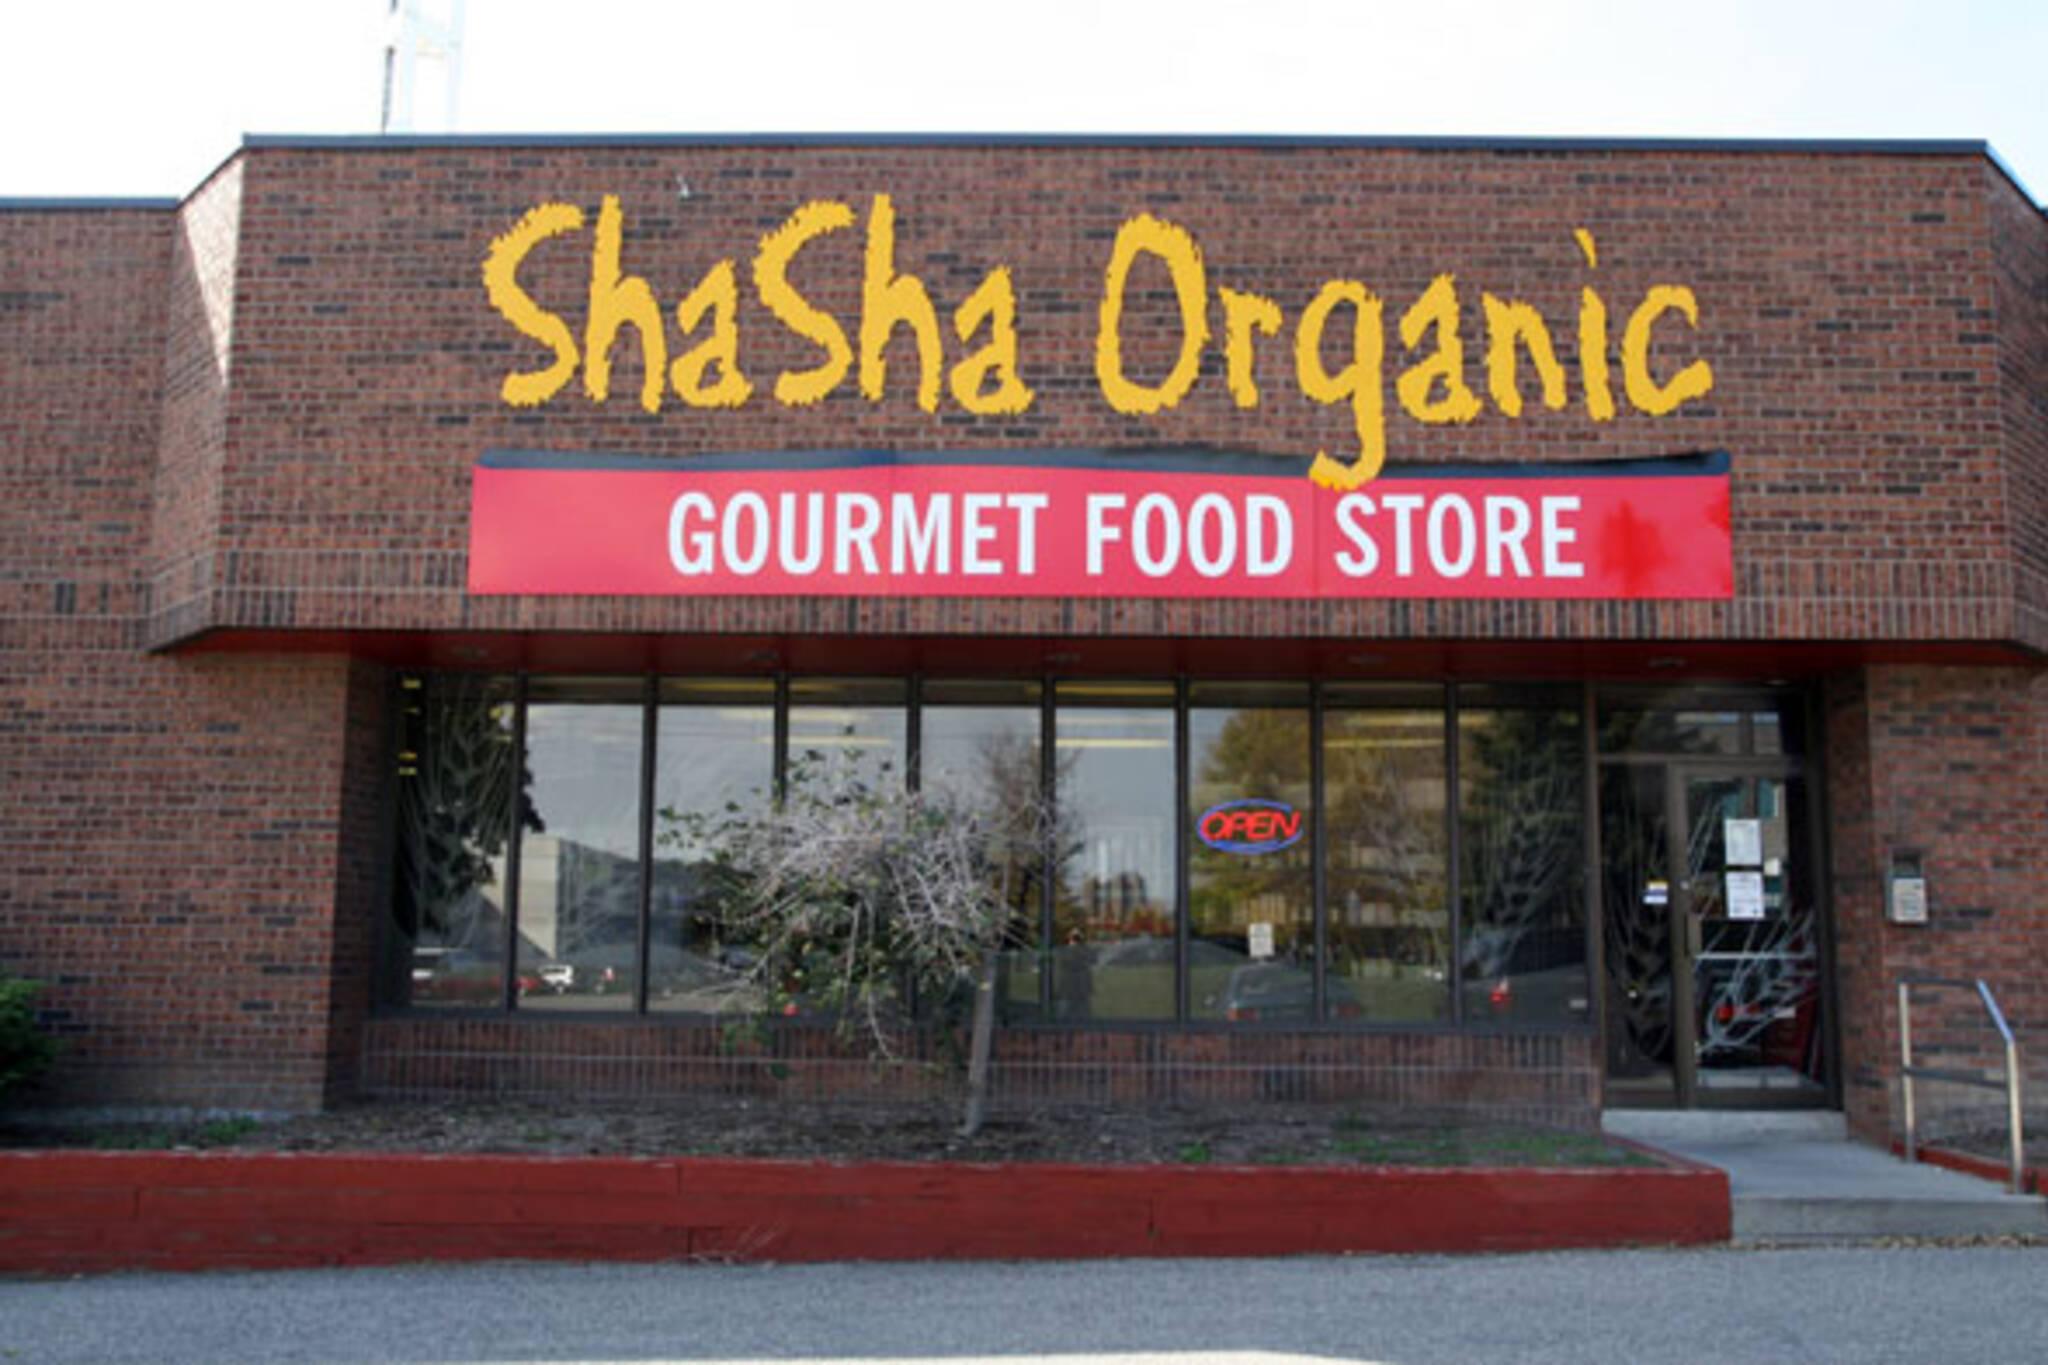 Shasha Organic